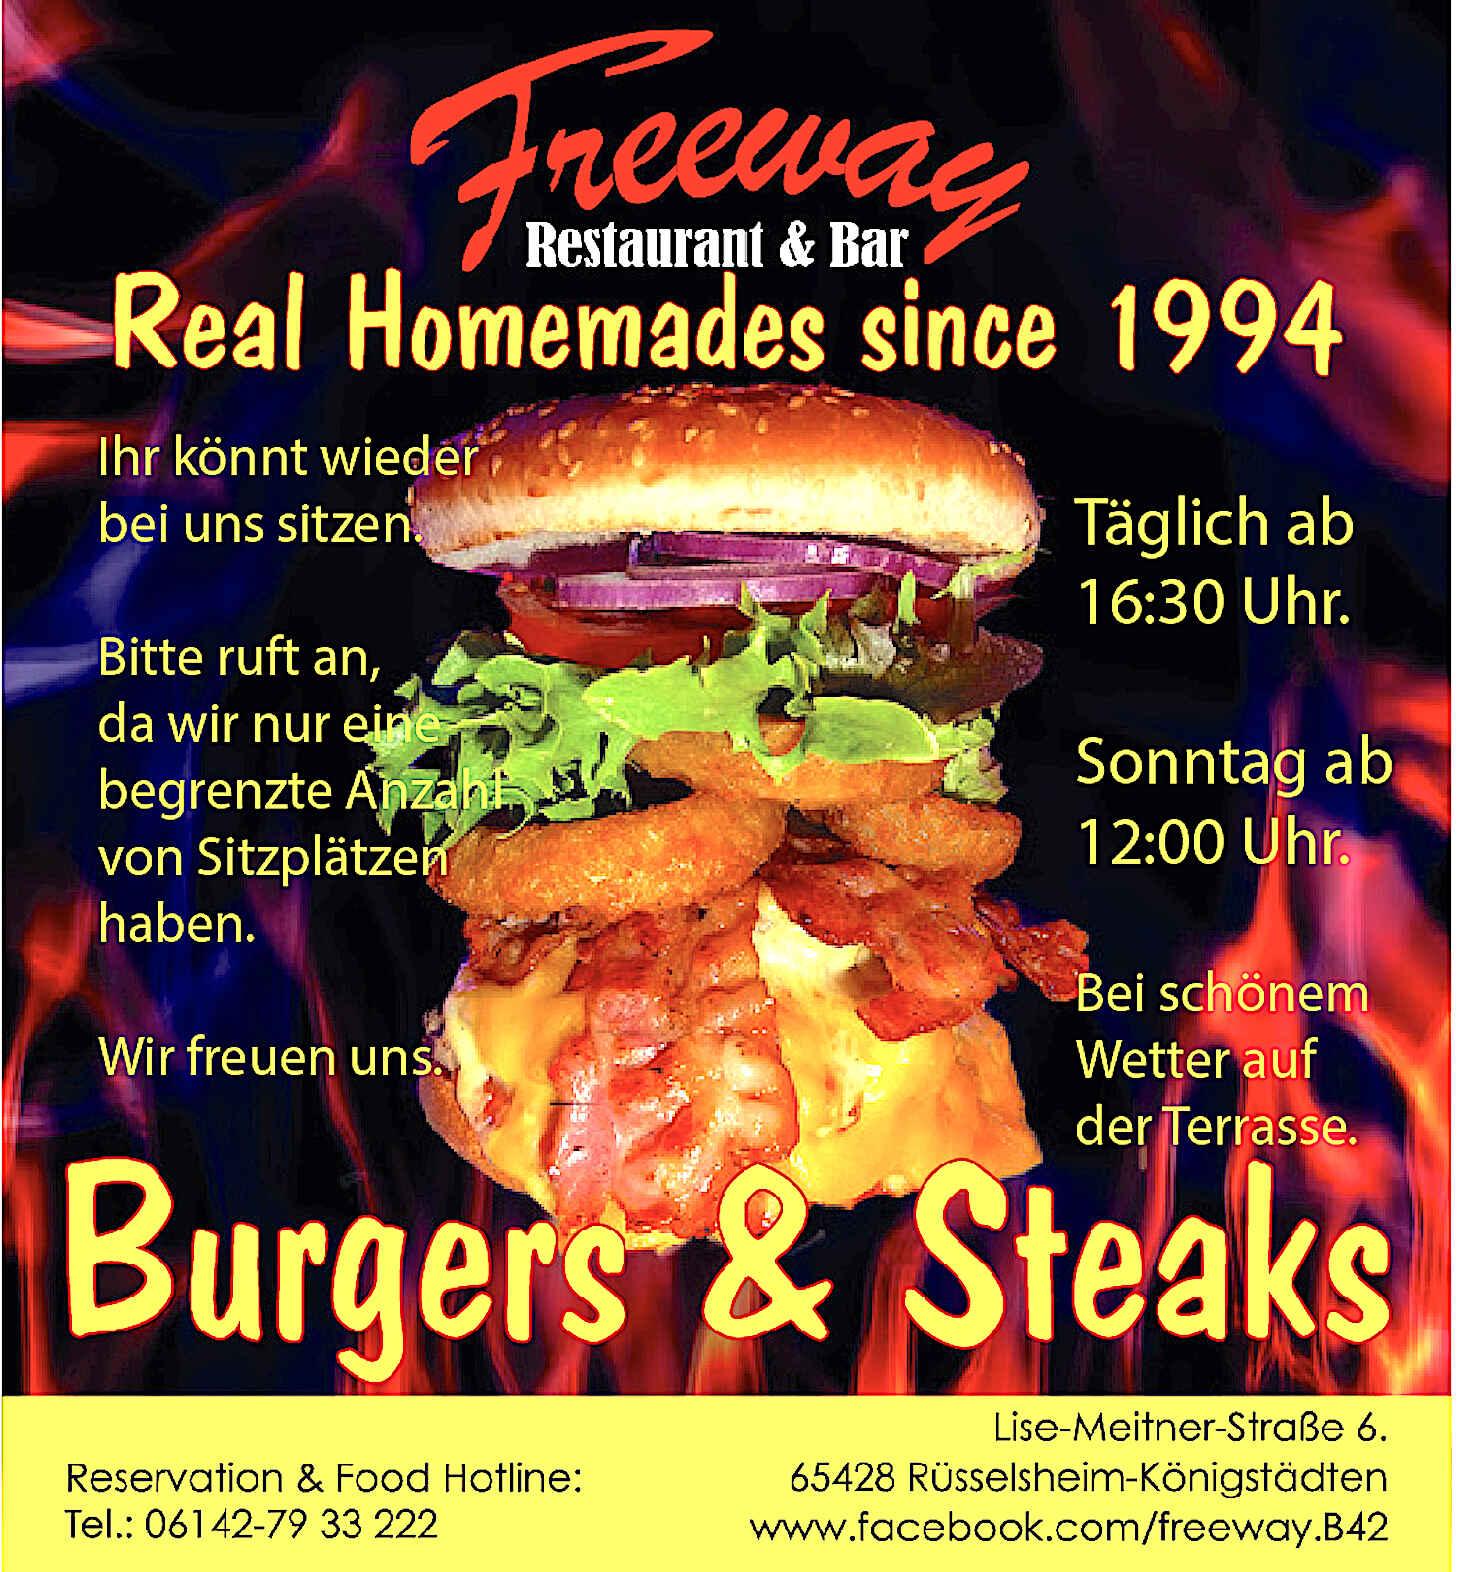 Bild zur Nachricht von Freeway American Restaurant